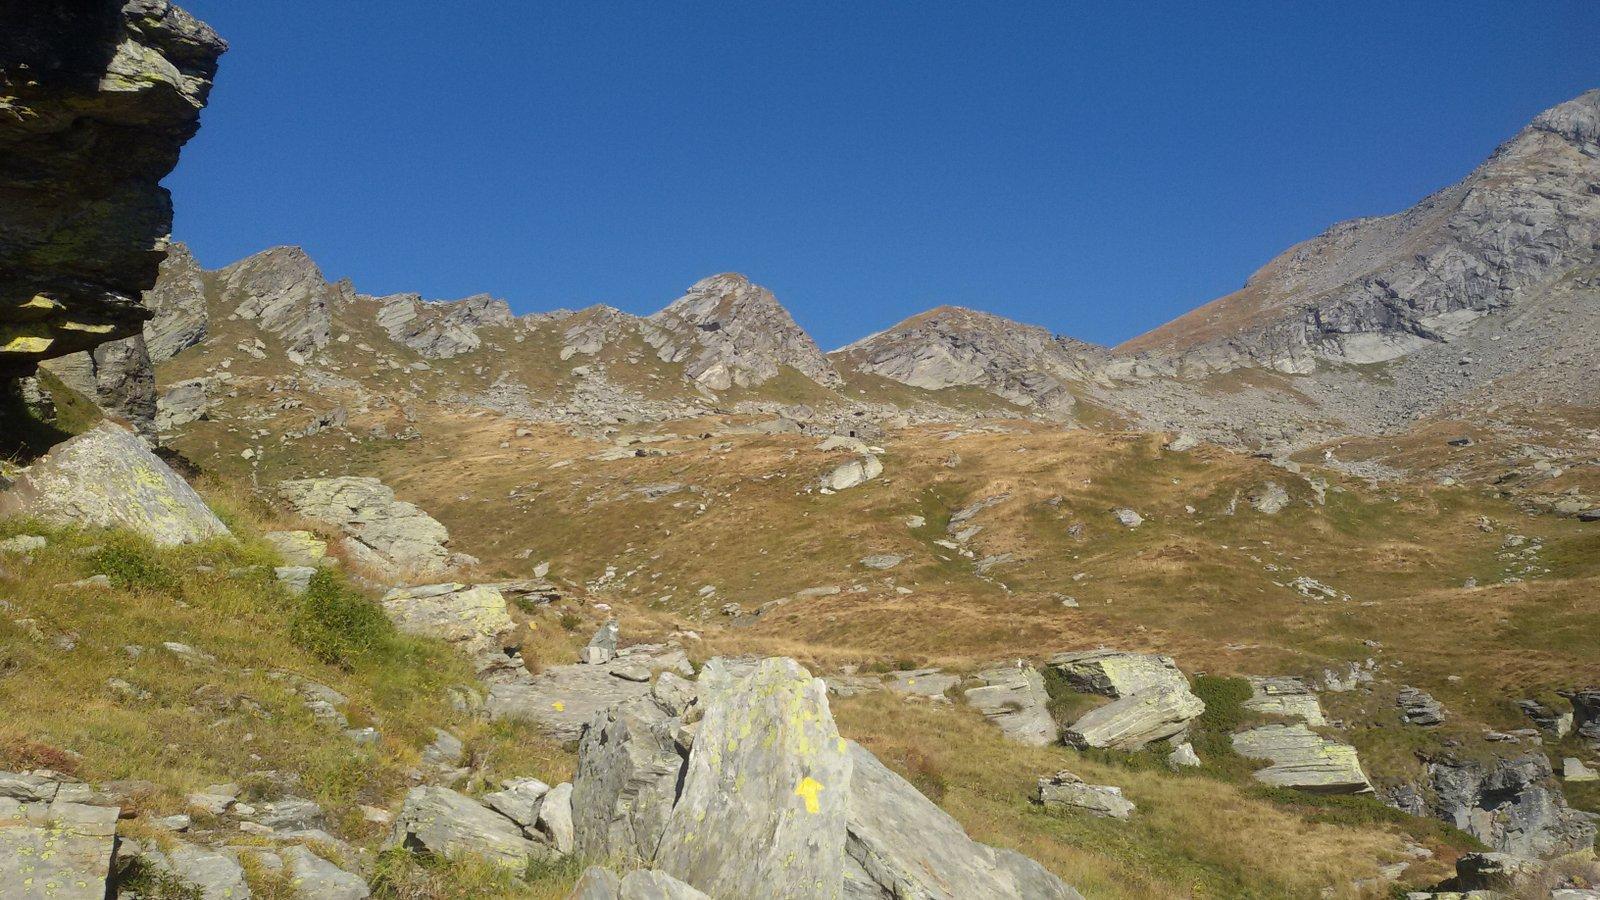 Dal sentiero per il bivacco, a centro foto le due elevazioni tra cui si trova l'intaglio, a dx il pendio di accesso alla cresta